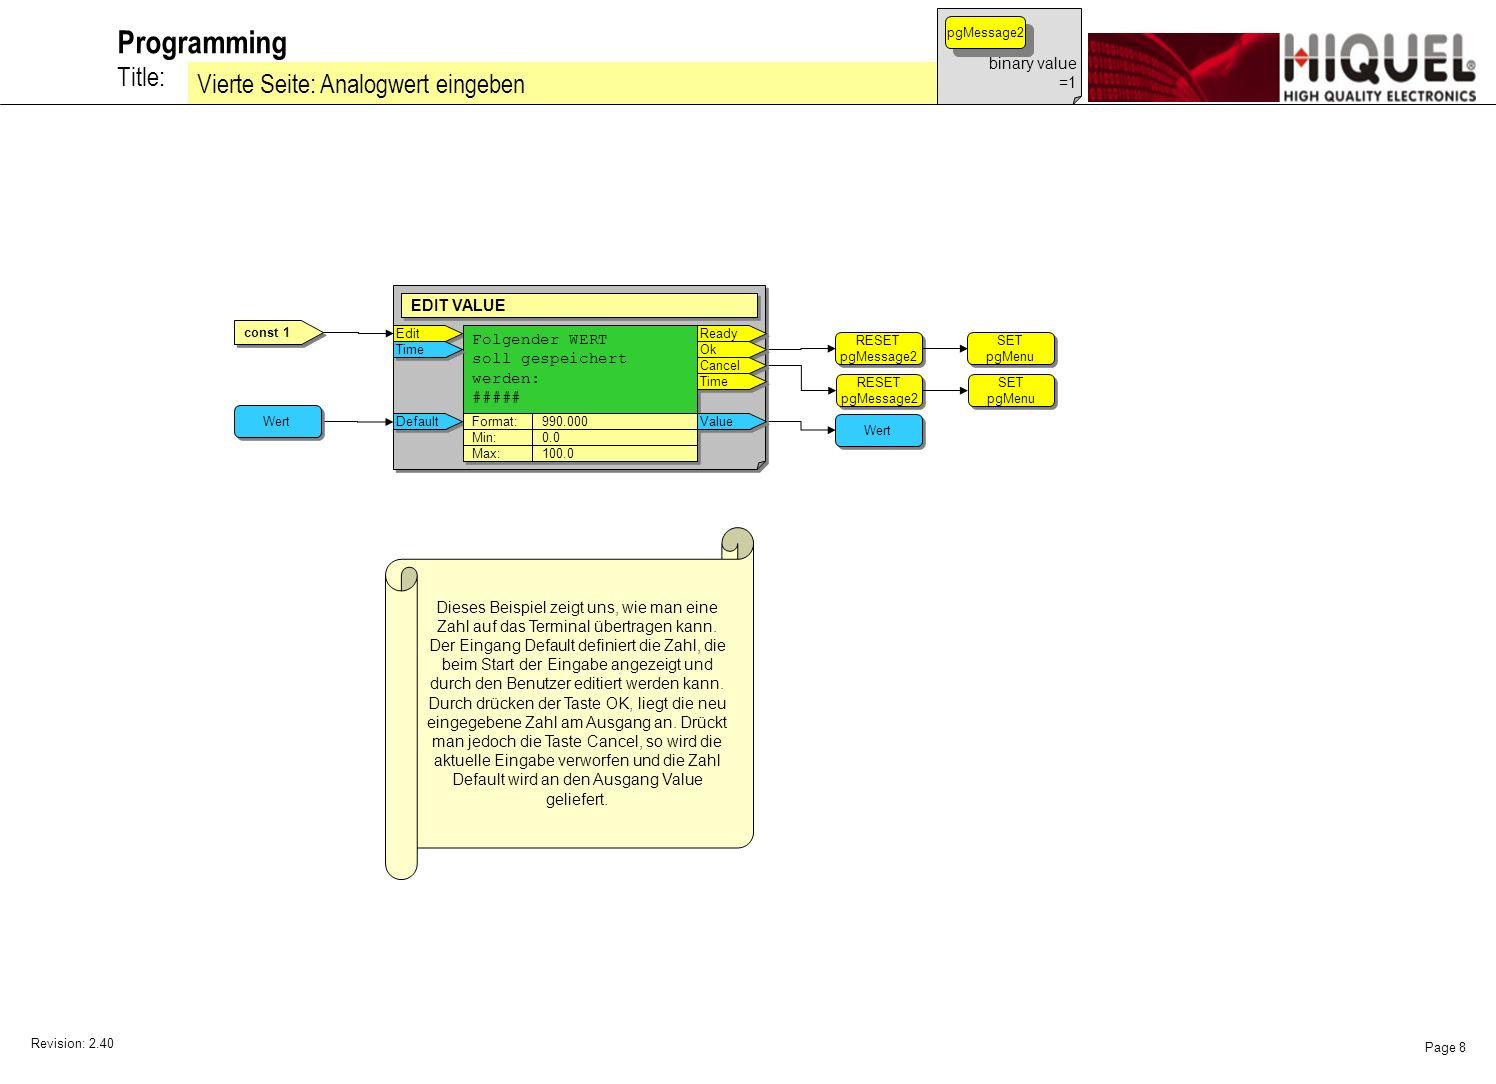 Revision: 2.40 Page 8 Title: Programming Vierte Seite: Analogwert eingeben binary value =1 pgMessage2 const 1 SET pgMenu SET pgMenu RESET pgMessage2 RESET pgMessage2 SET pgMenu SET pgMenu RESET pgMessage2 RESET pgMessage2 Edit EDIT VALUE Folgender WERT soll gespeichert werden: ##### Folgender WERT soll gespeichert werden: ##### Ready Default Format: 990.000 Ok Cancel Min: 0.0 Max: 100.0 Value Time Wert Dieses Beispiel zeigt uns, wie man eine Zahl auf das Terminal übertragen kann.